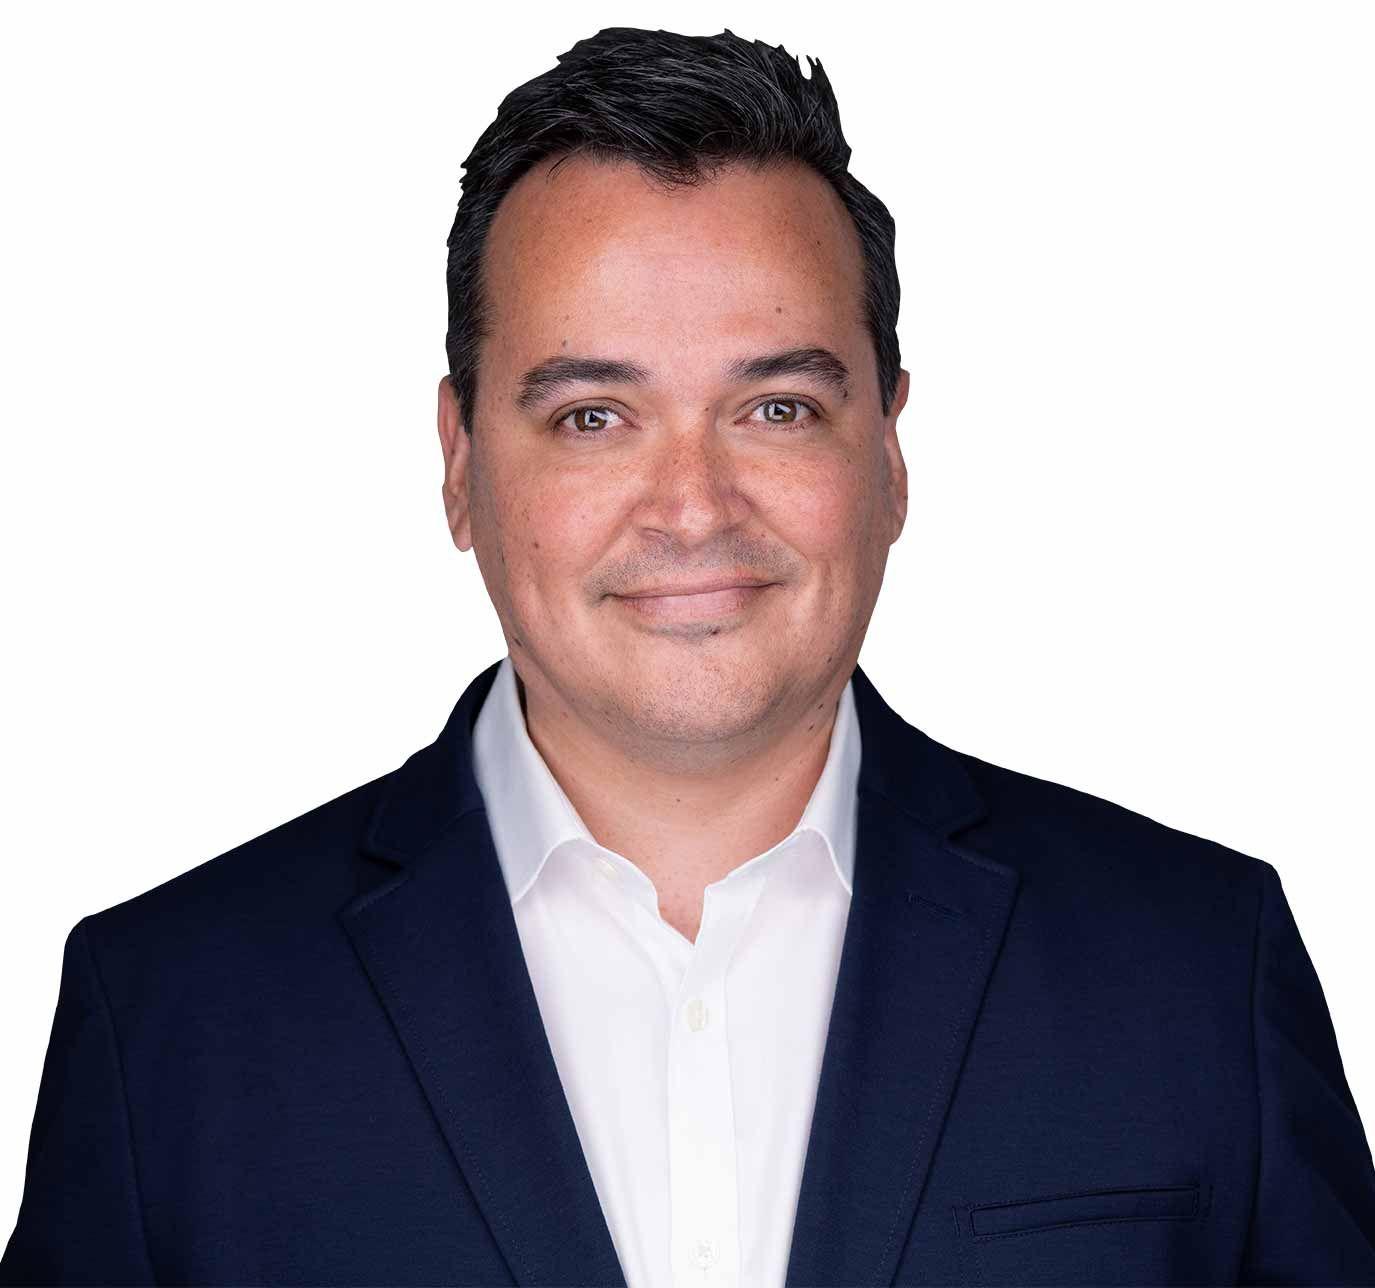 portrait of Jeff Brady